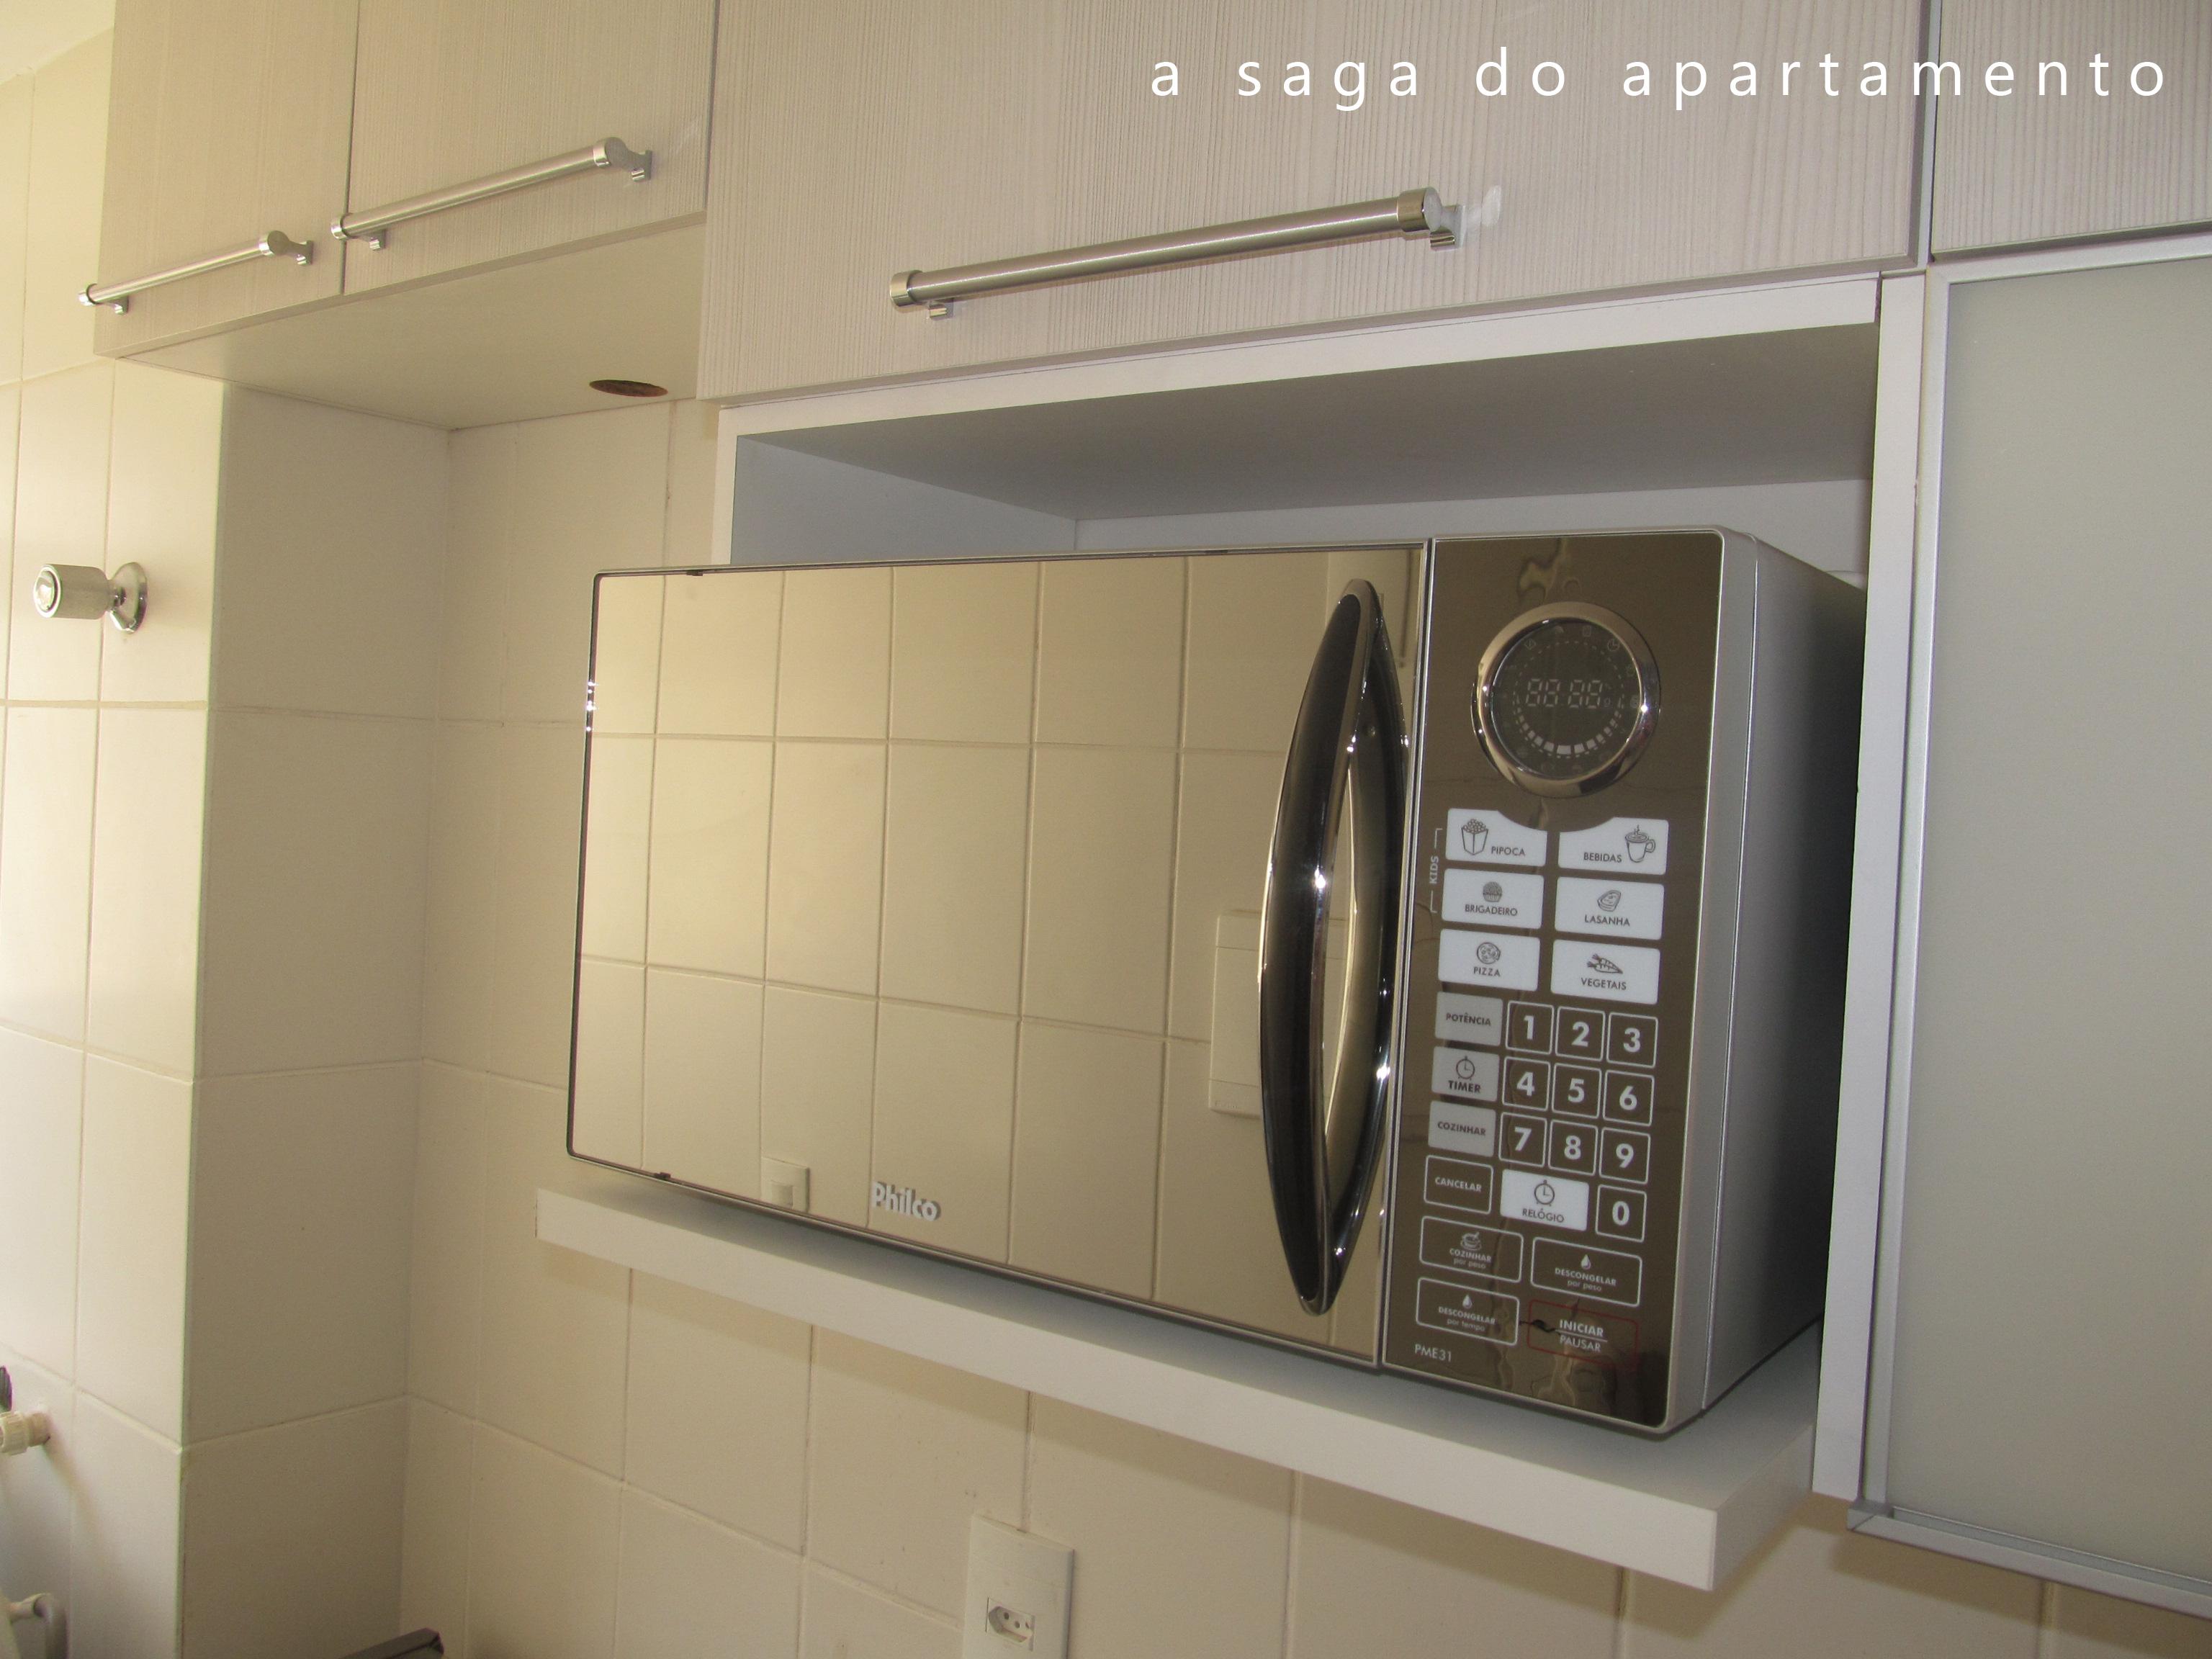 #867145 armario planejado cozinha casas bahia 3072x2304 px Armario Planejado Cozinha Casas Bahia #2159 imagens